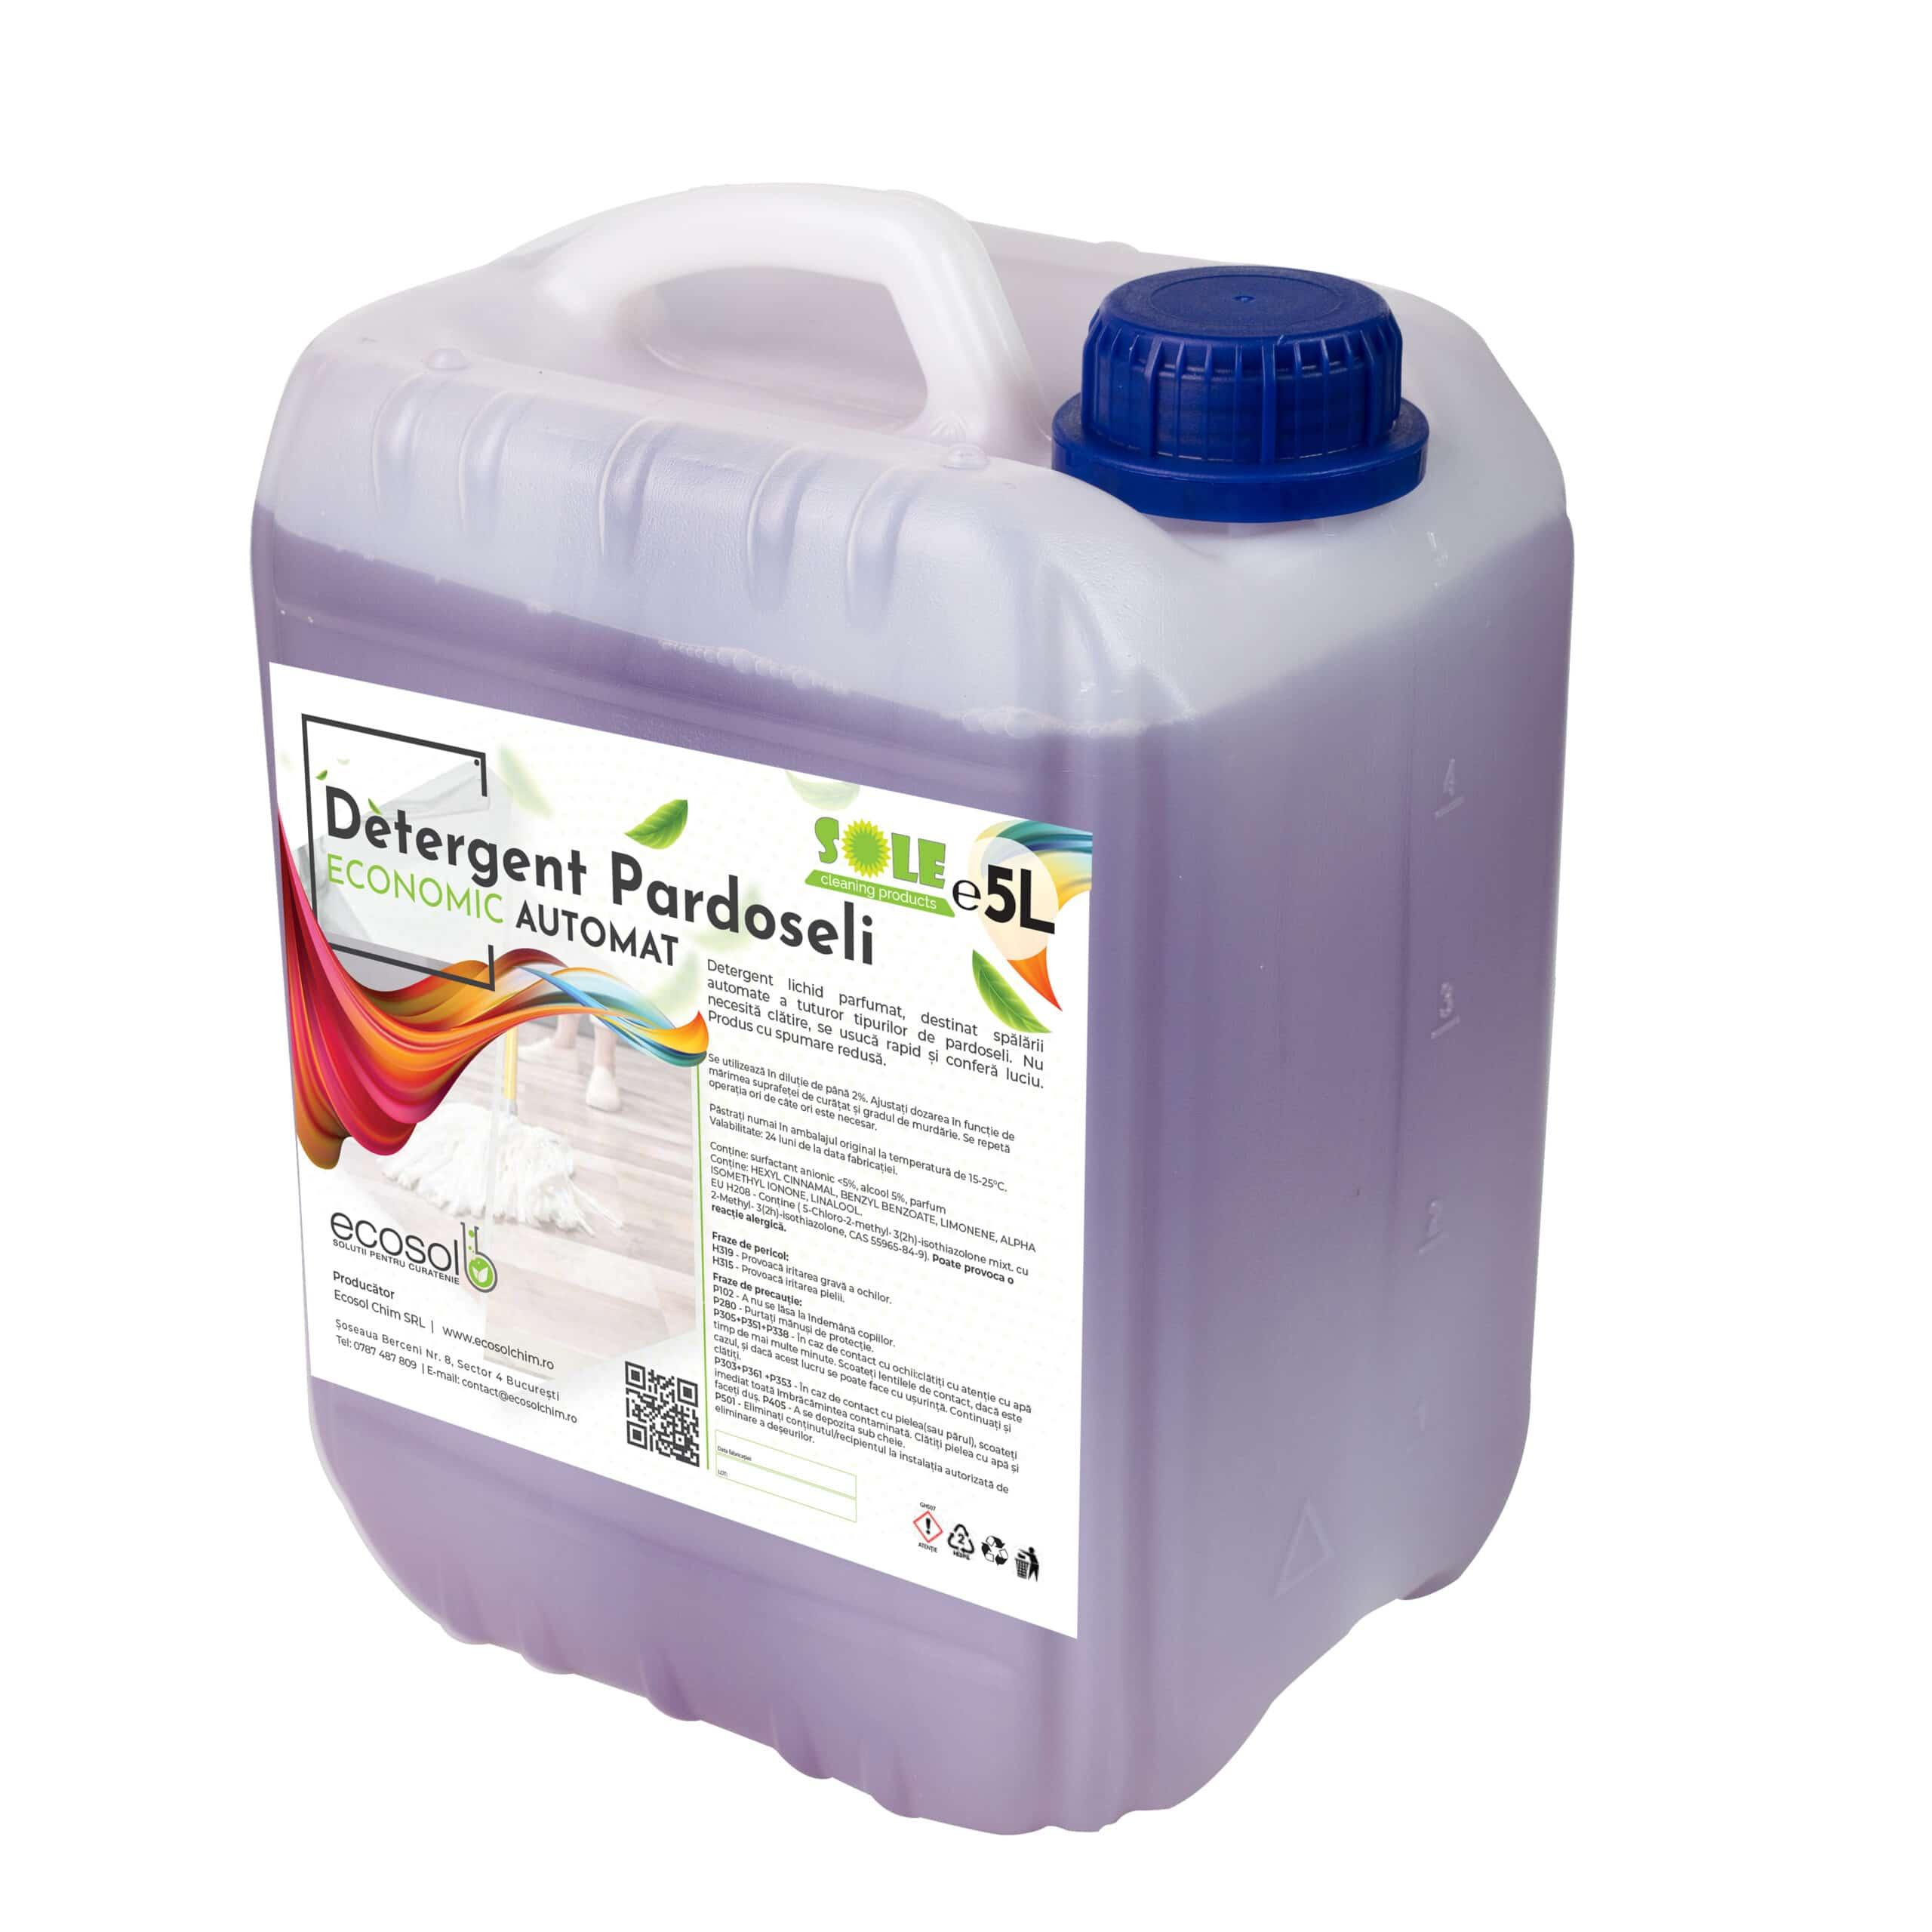 detergent pardoseli economic automat